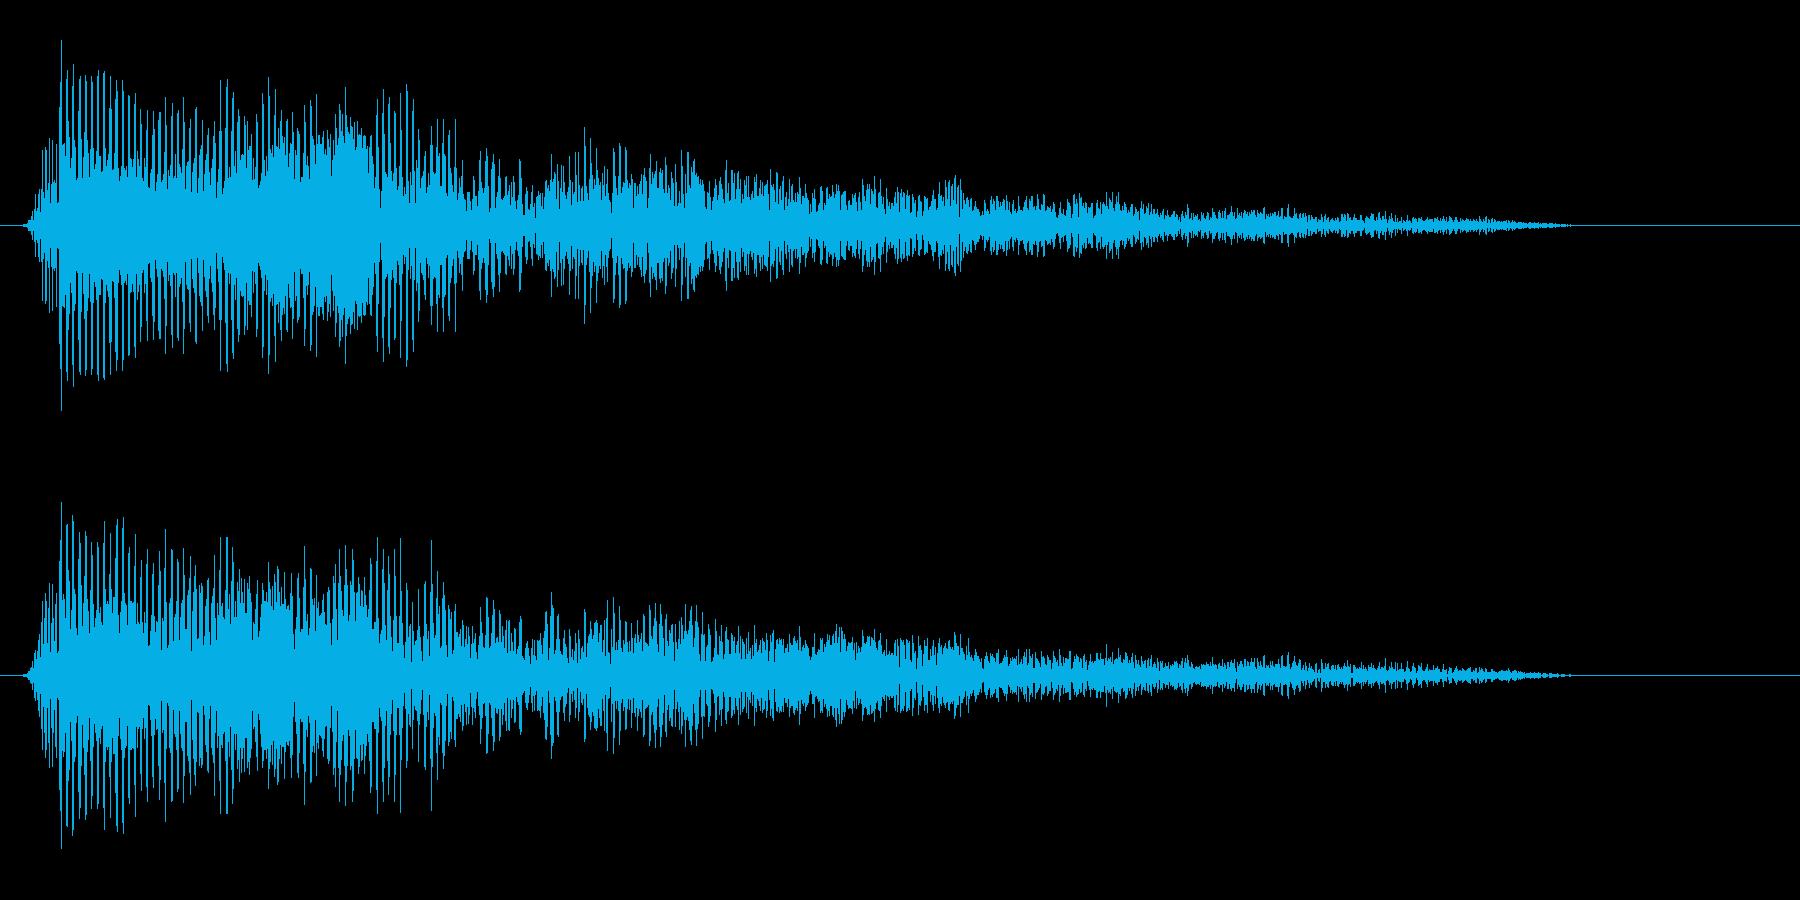 パァッ(キレのいいクラクションの音)の再生済みの波形